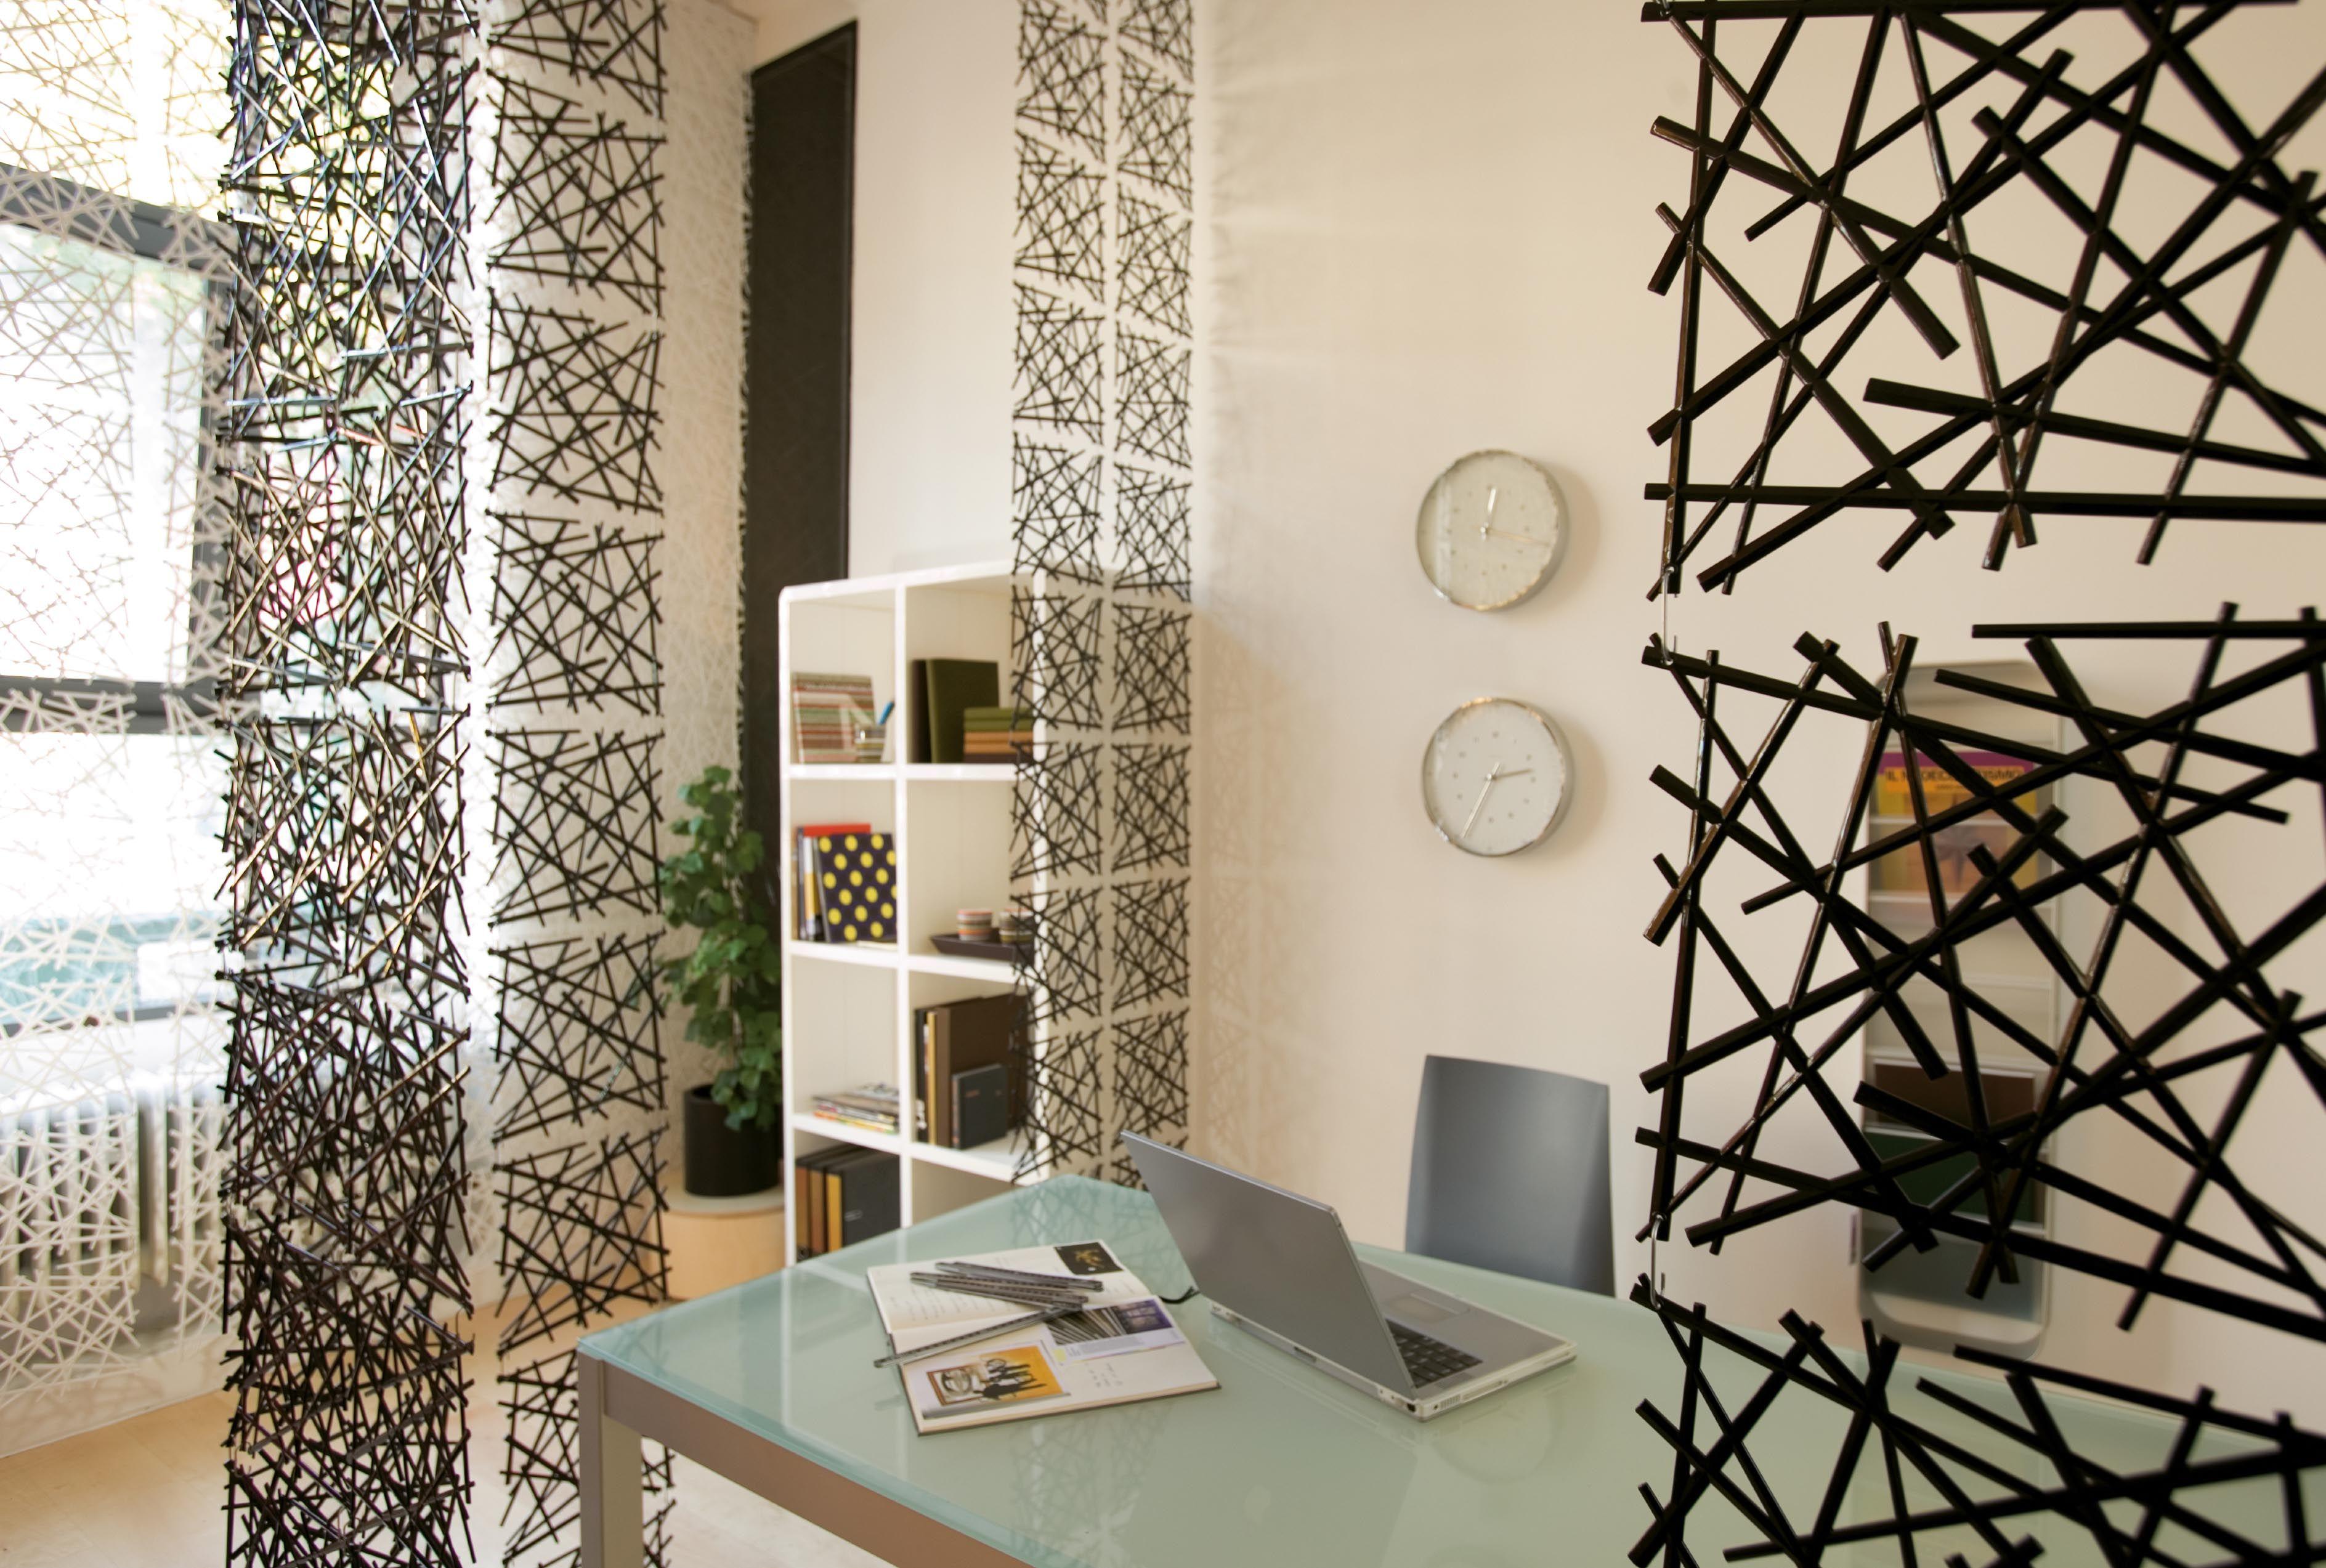 cloison stixx set de 4 crochets inclus rouge transparent koziol. Black Bedroom Furniture Sets. Home Design Ideas